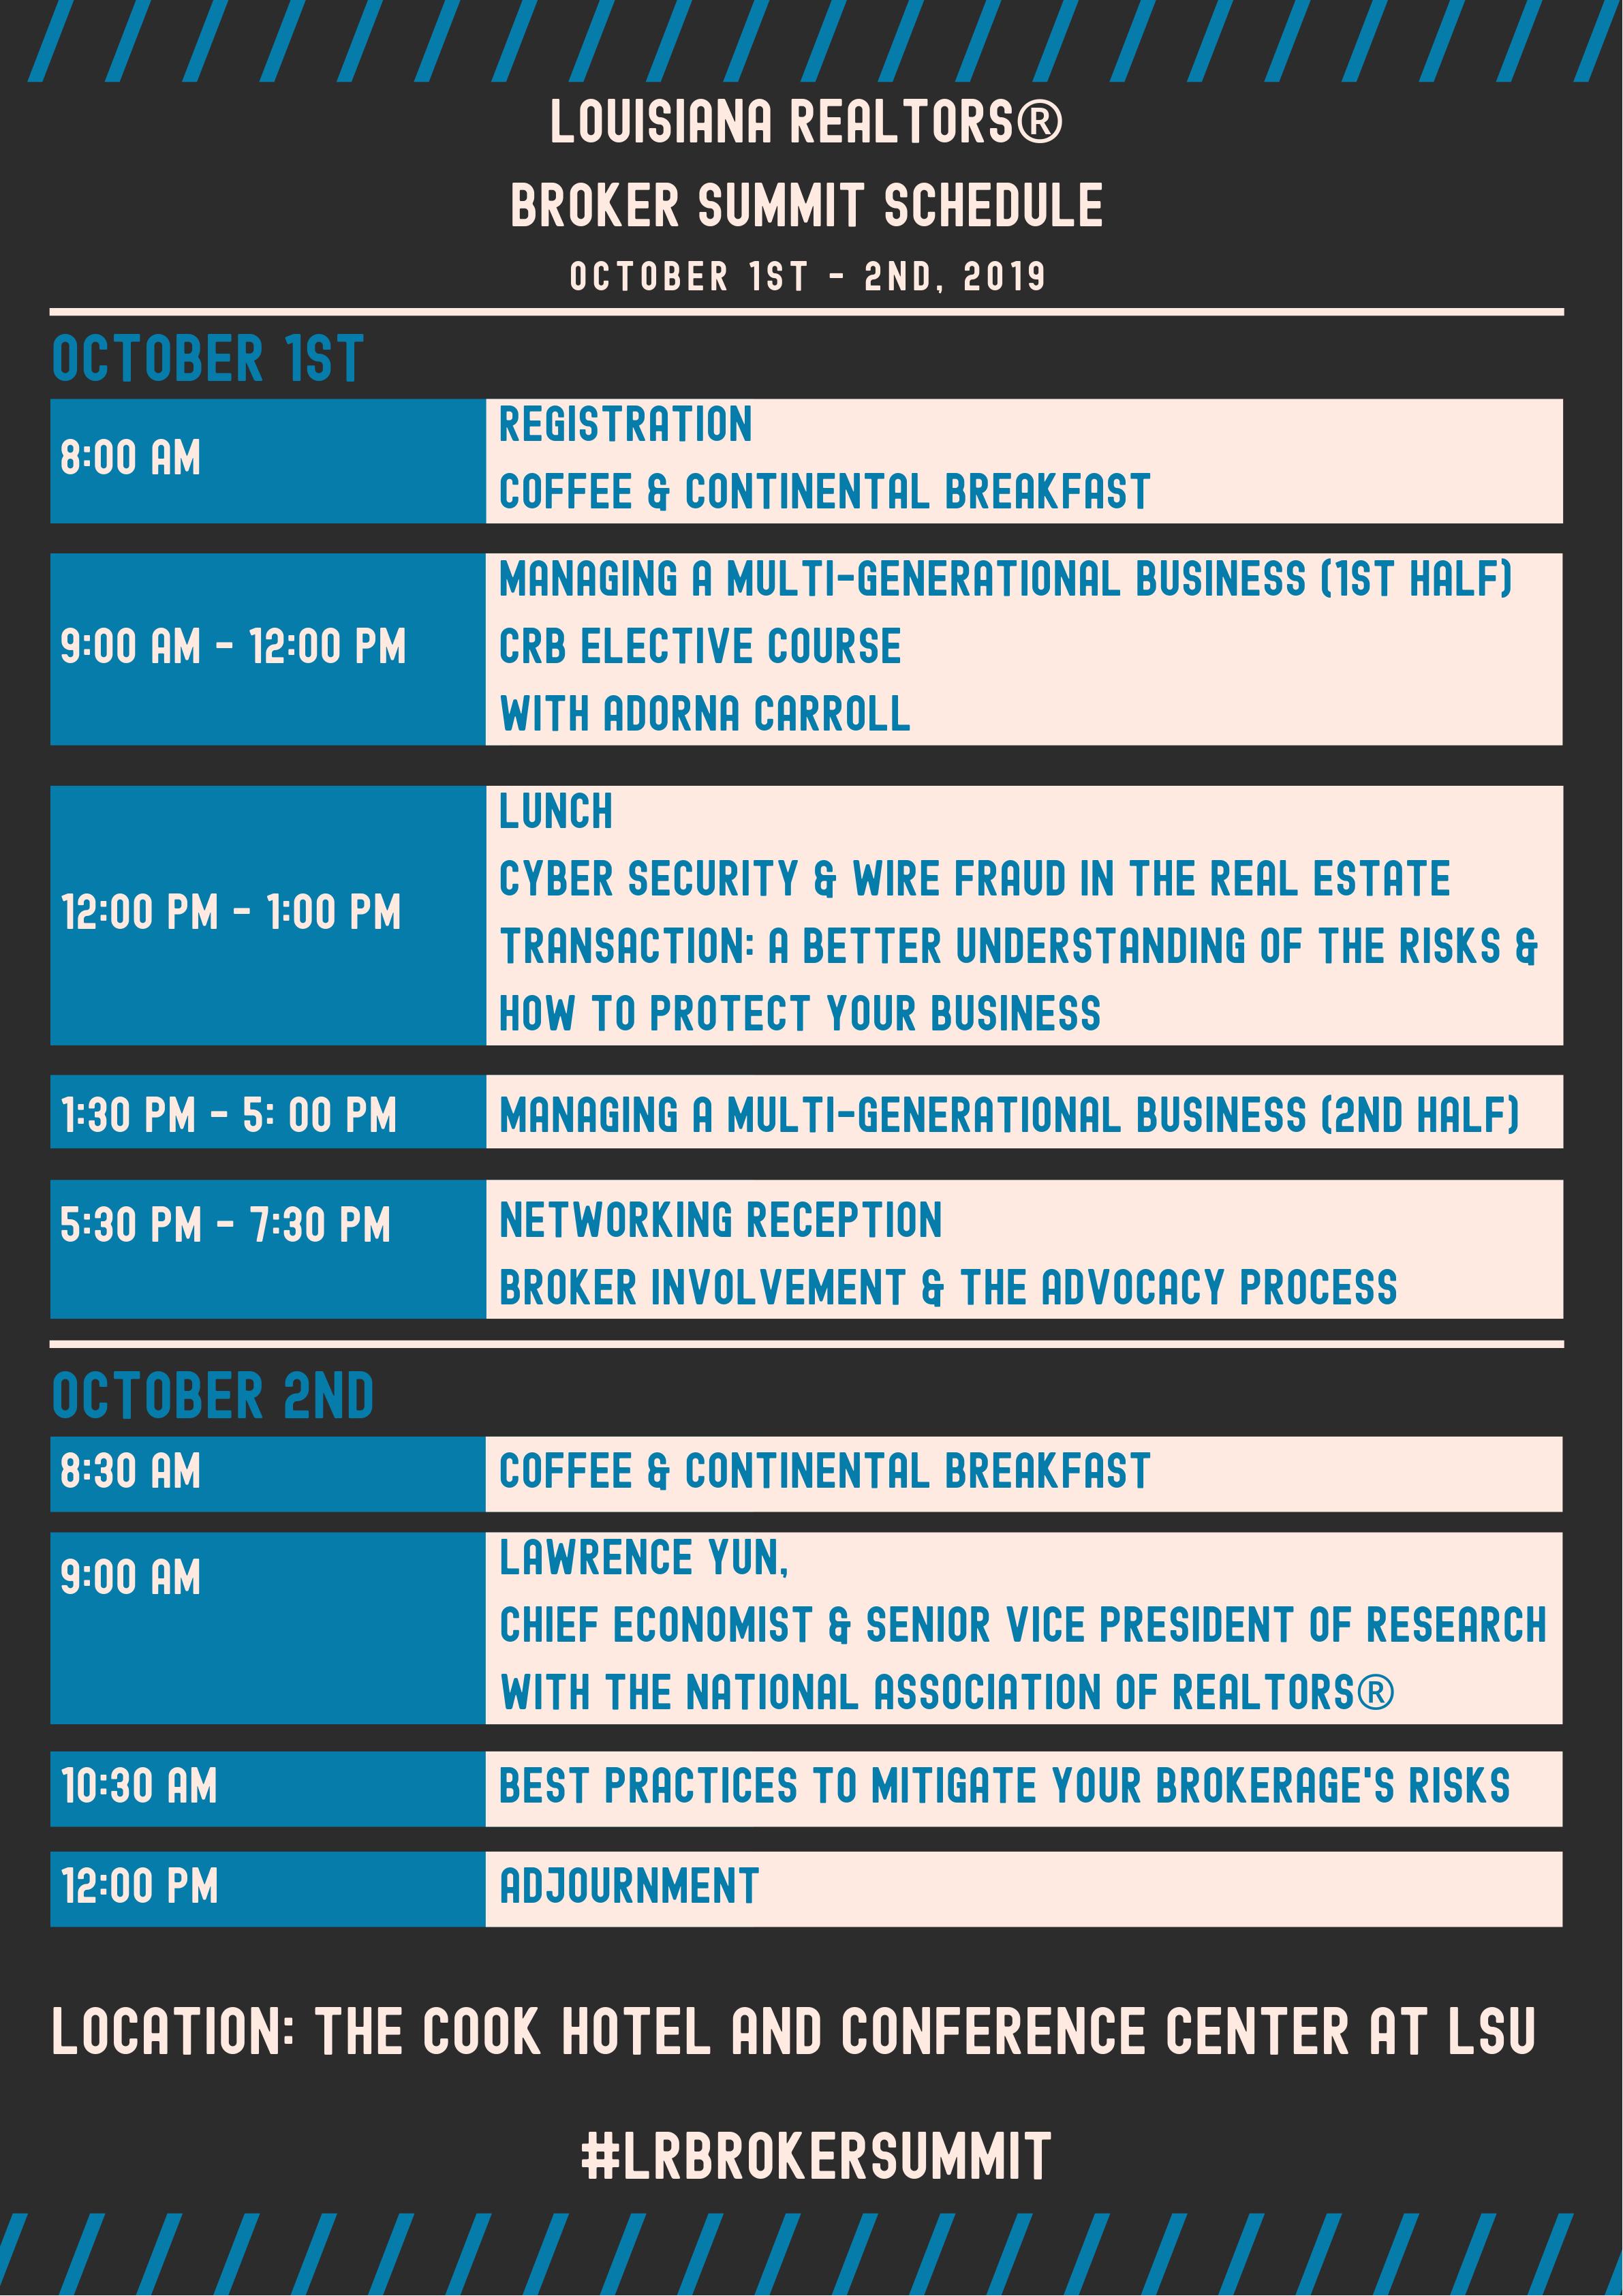 LR 2019 Broker Summit Schedule (3).png